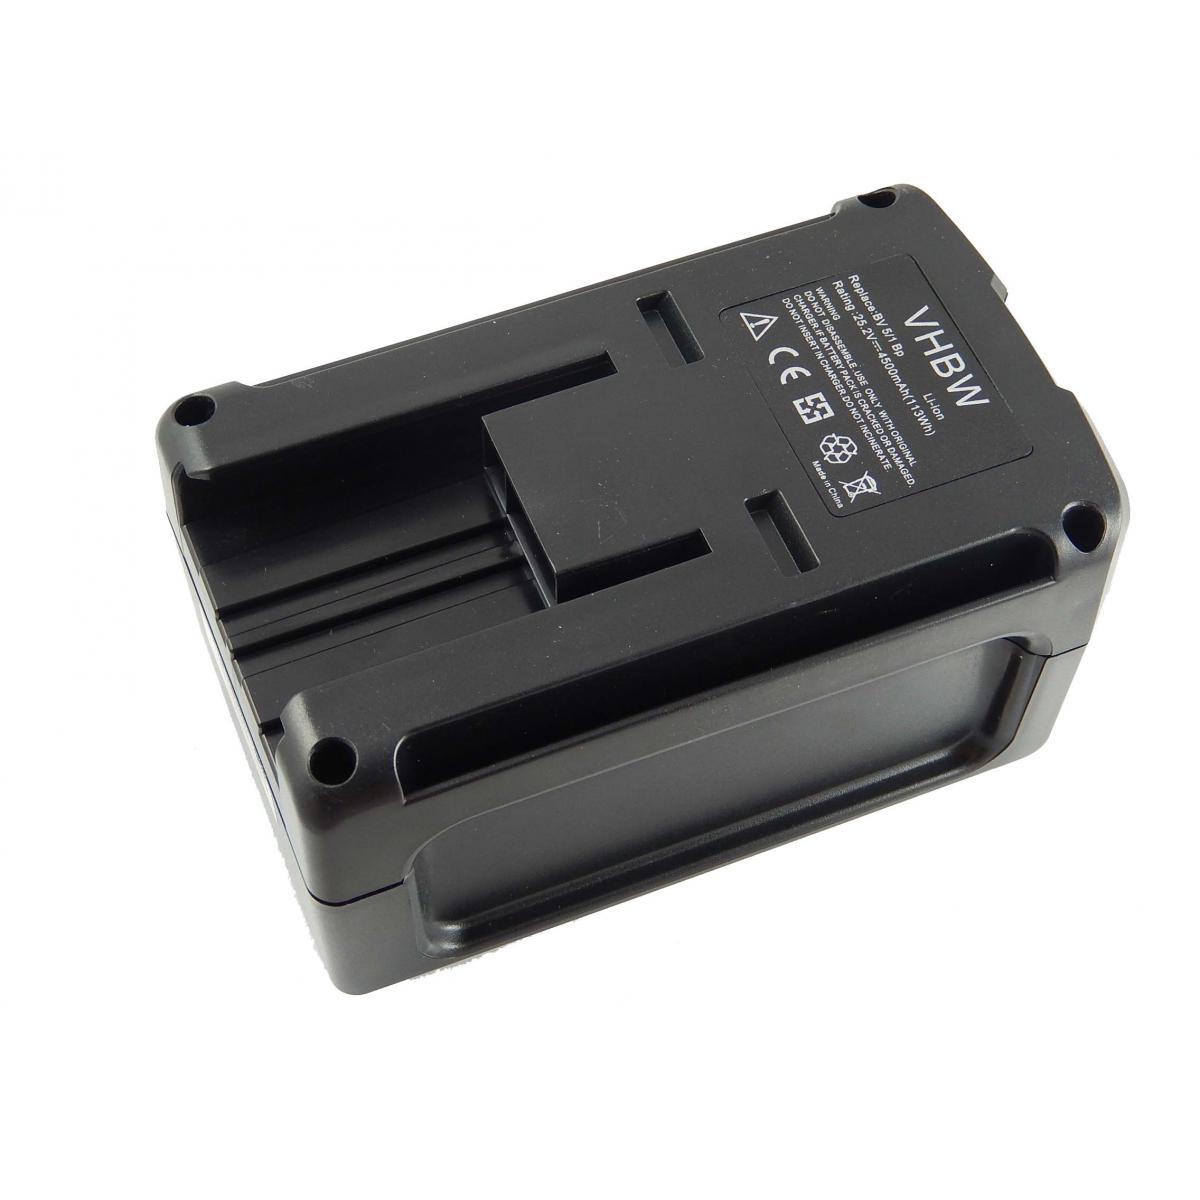 Vhbw vhbw Batterie Li-Ion 4500mAh (25.2V) pour appareil de nettoyage Kärcher BR 30/4 C et 6.654-255.0, 6.654-183.0, entre aut